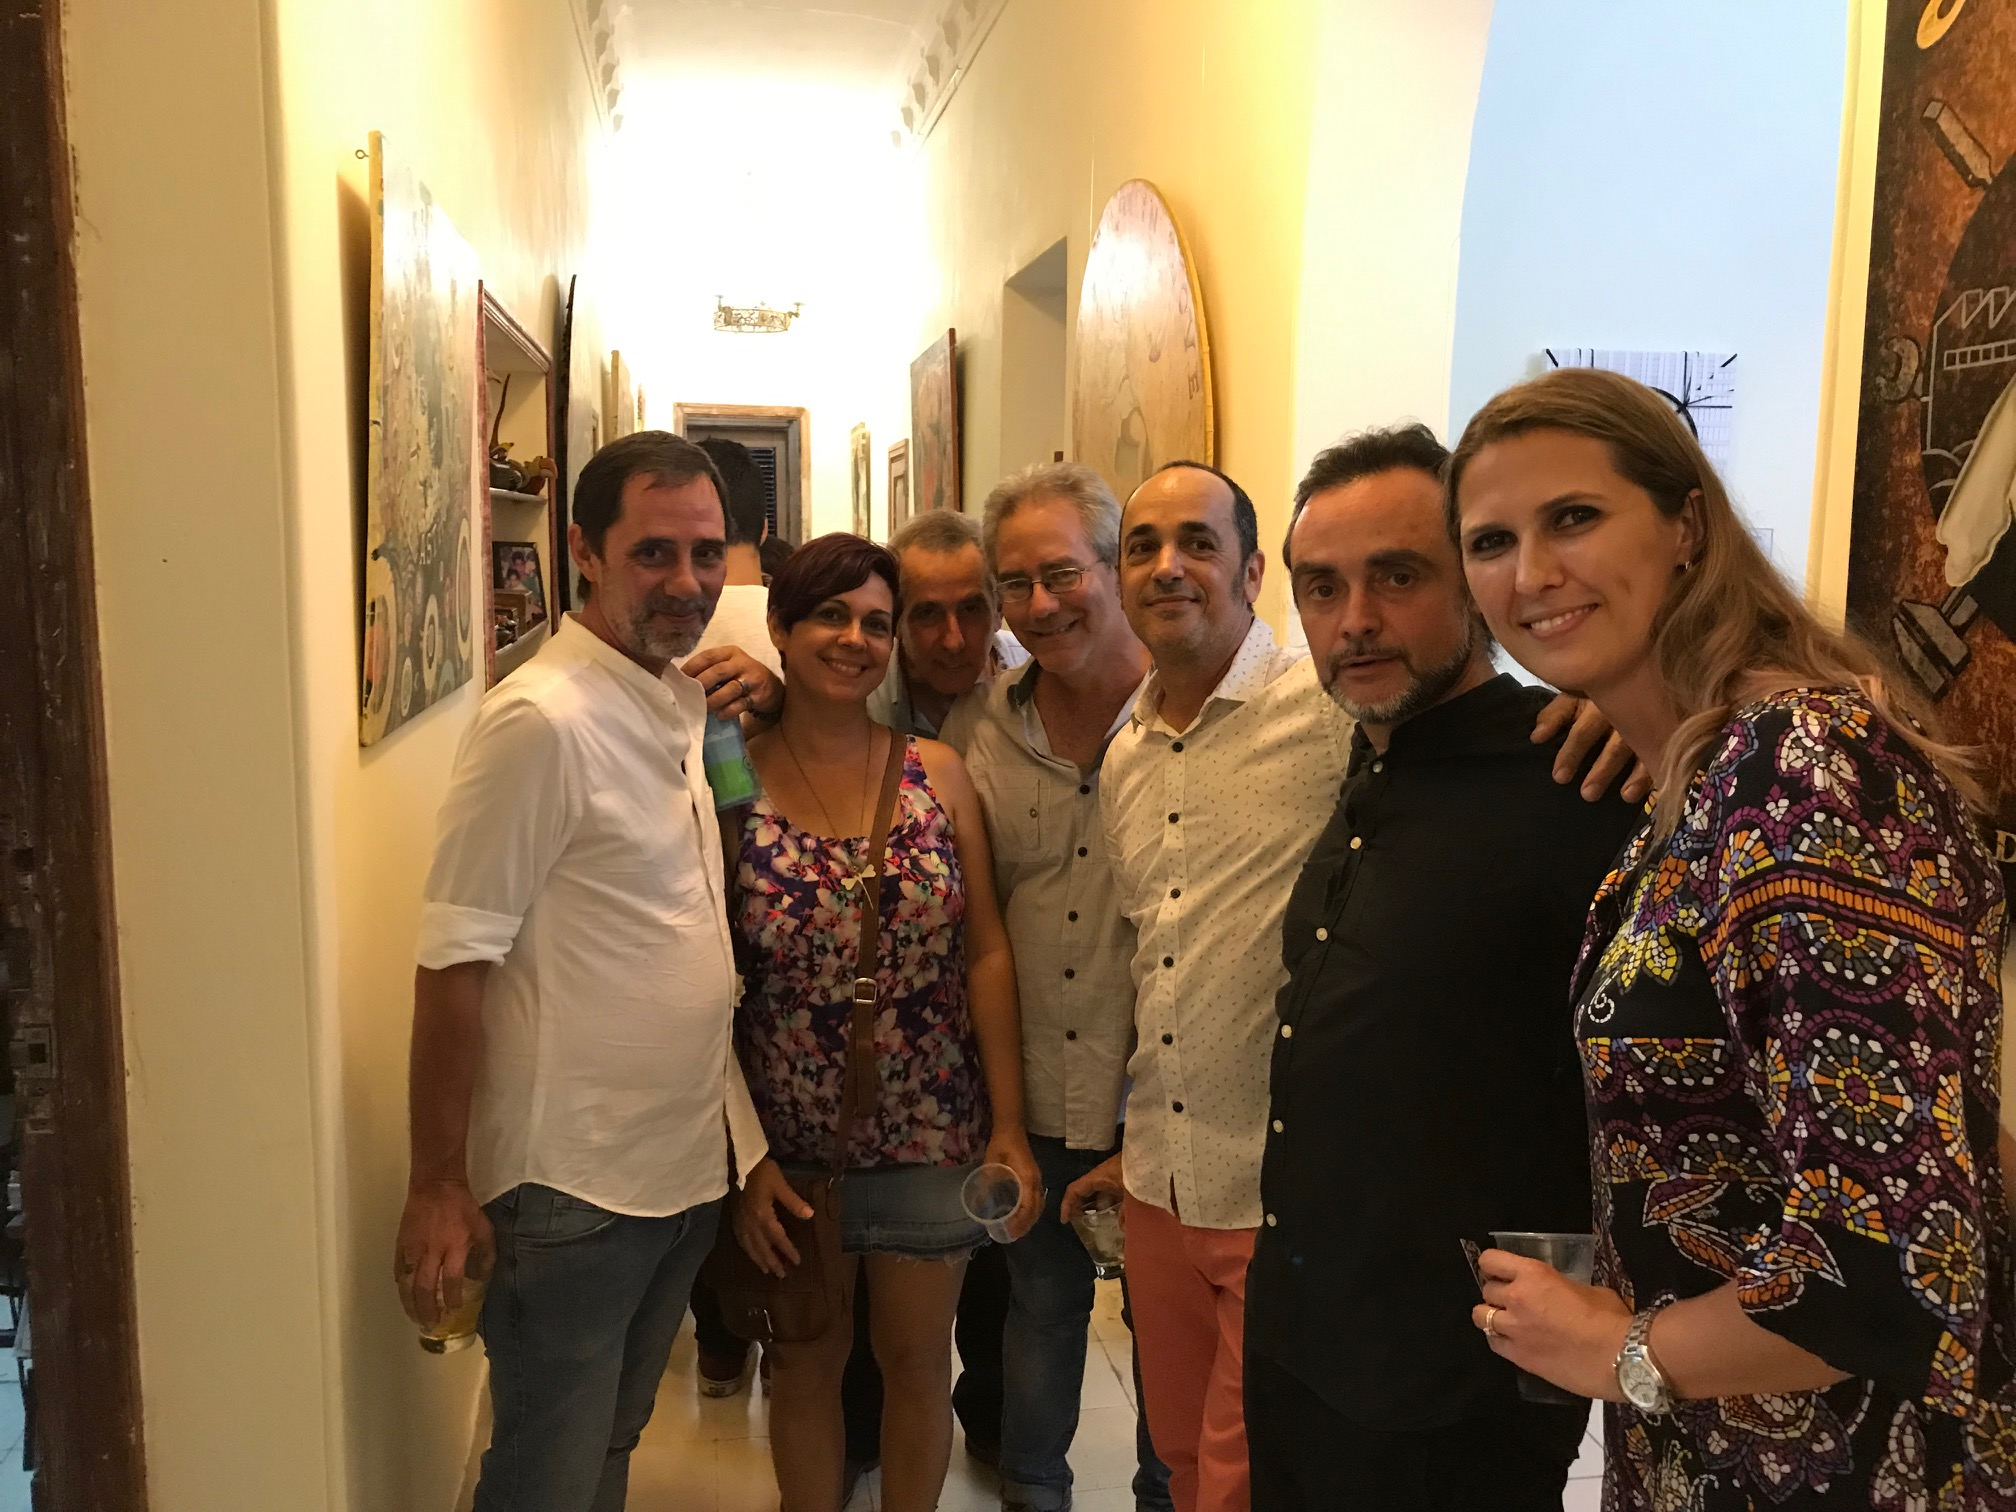 Ernesto Rancaño, Eduardo Abela T. y Katrin Aason junto a más invitados.